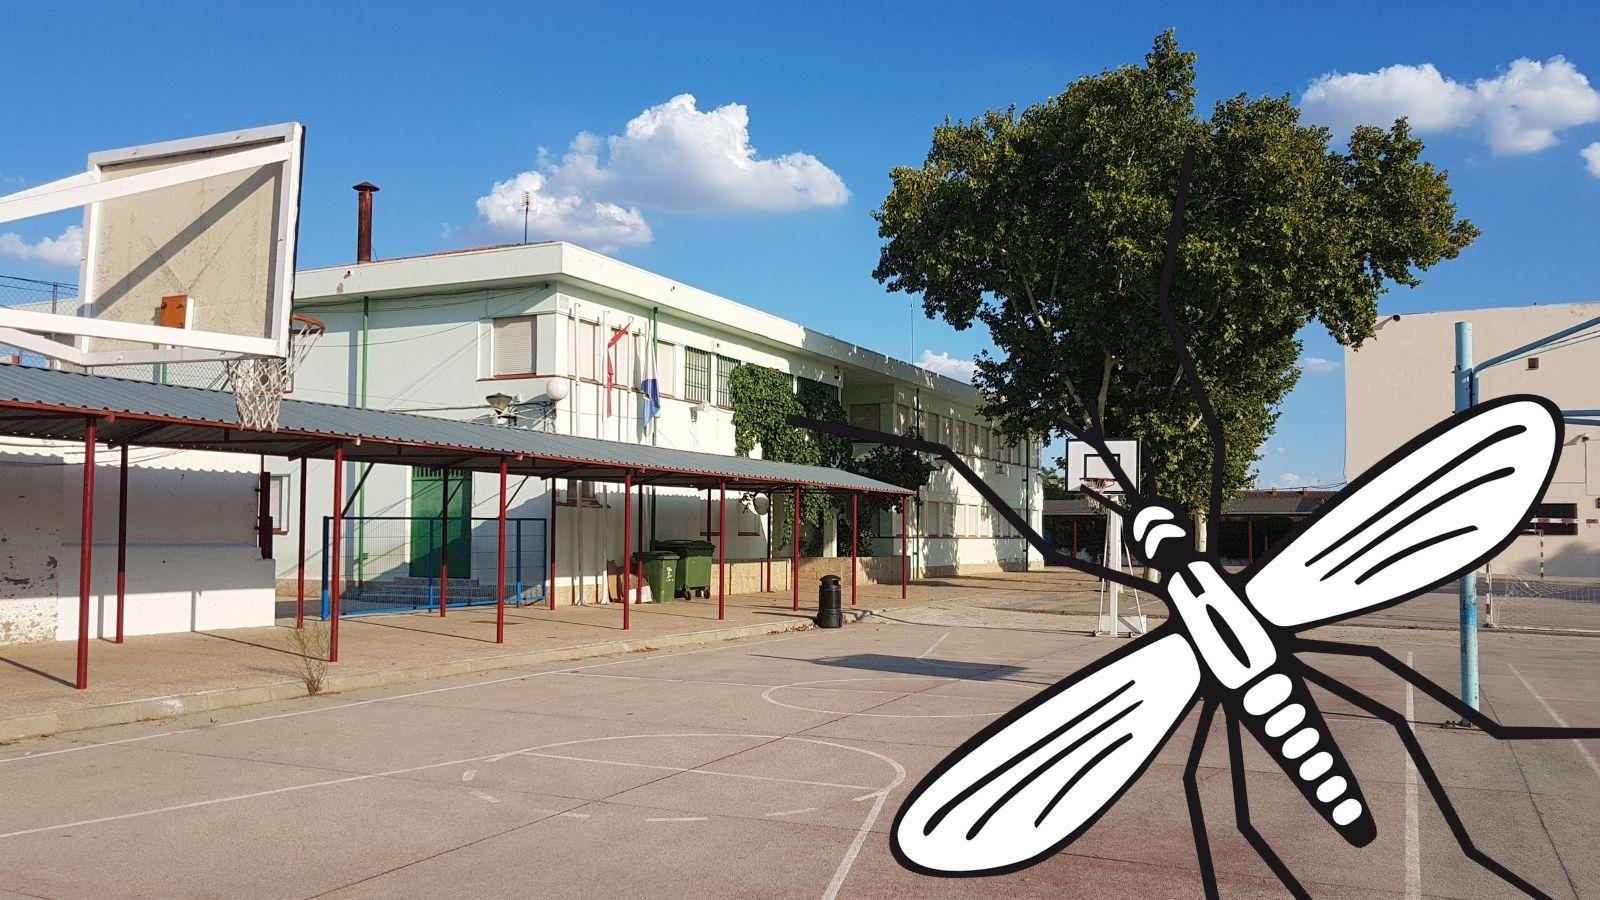 Campaña de sensibilización sobre el mosquito tigre en los centros educativos